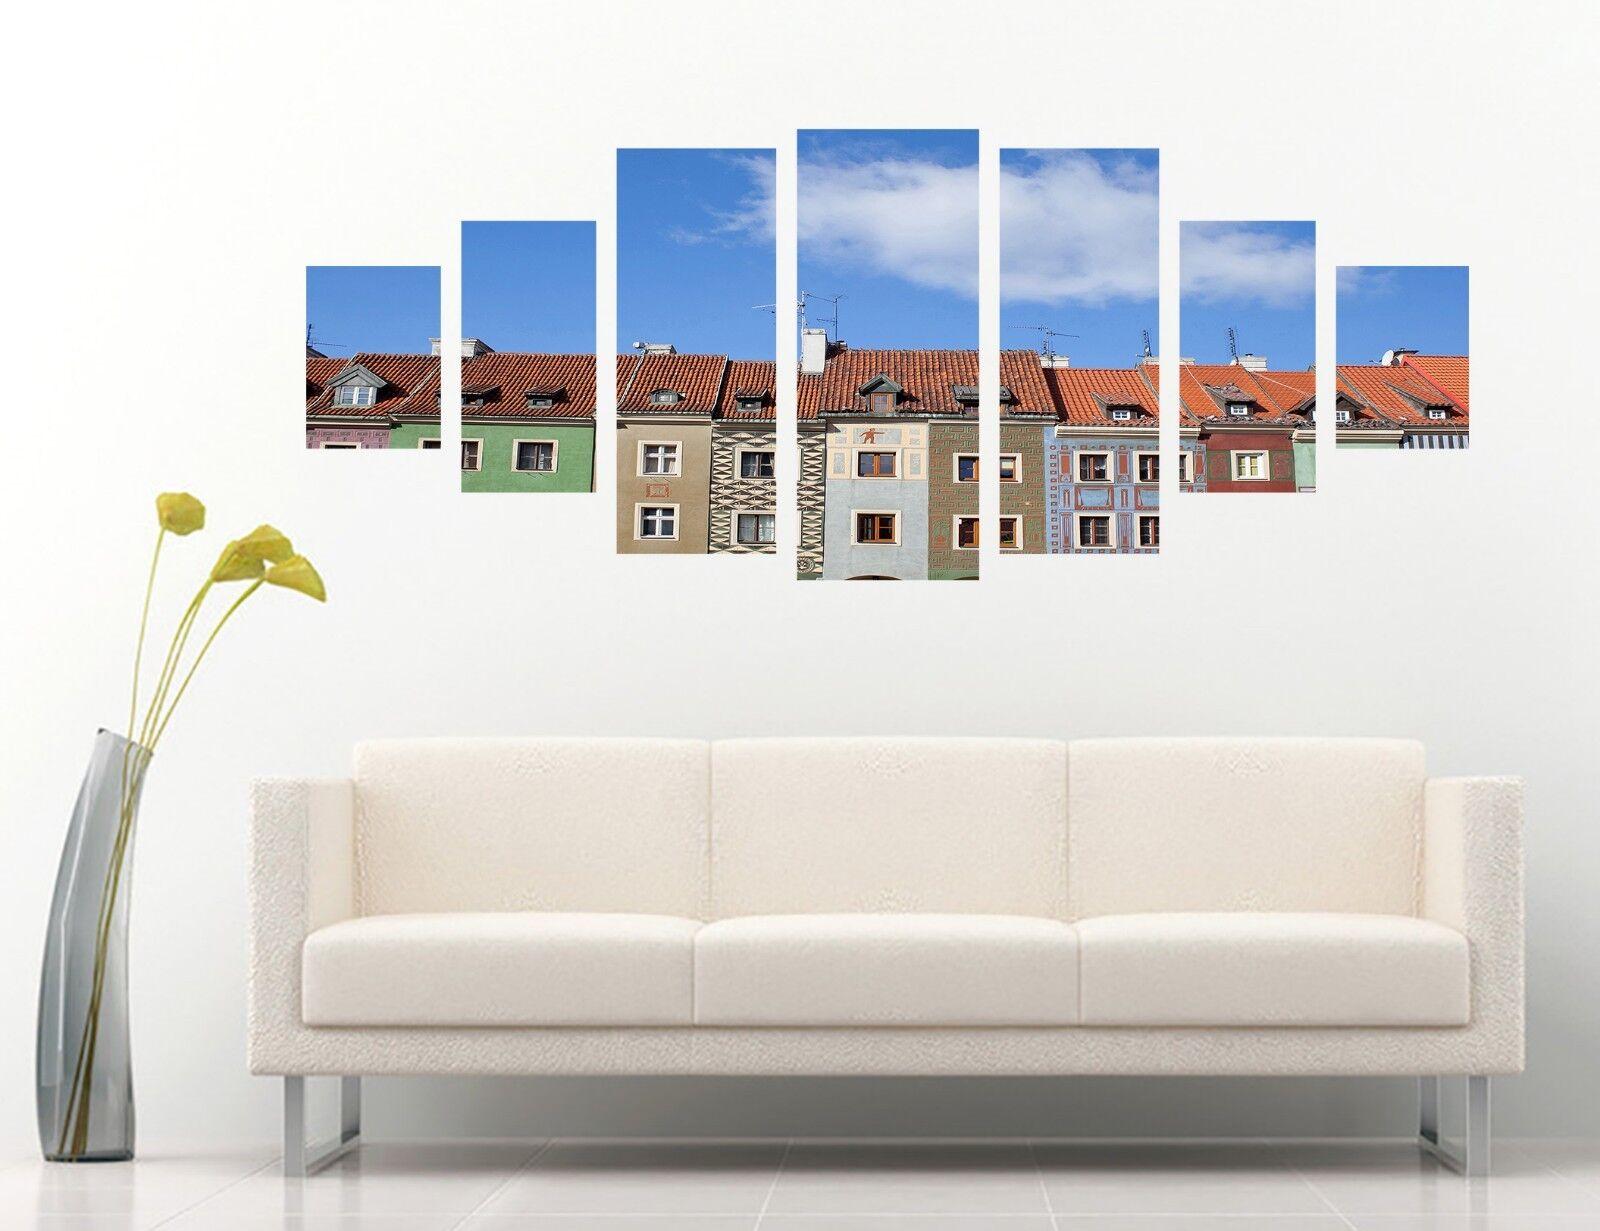 3D Farbe Houses 678 Unframed Drucken Wand Papier Decal Wand Deco Innen AJ Wand